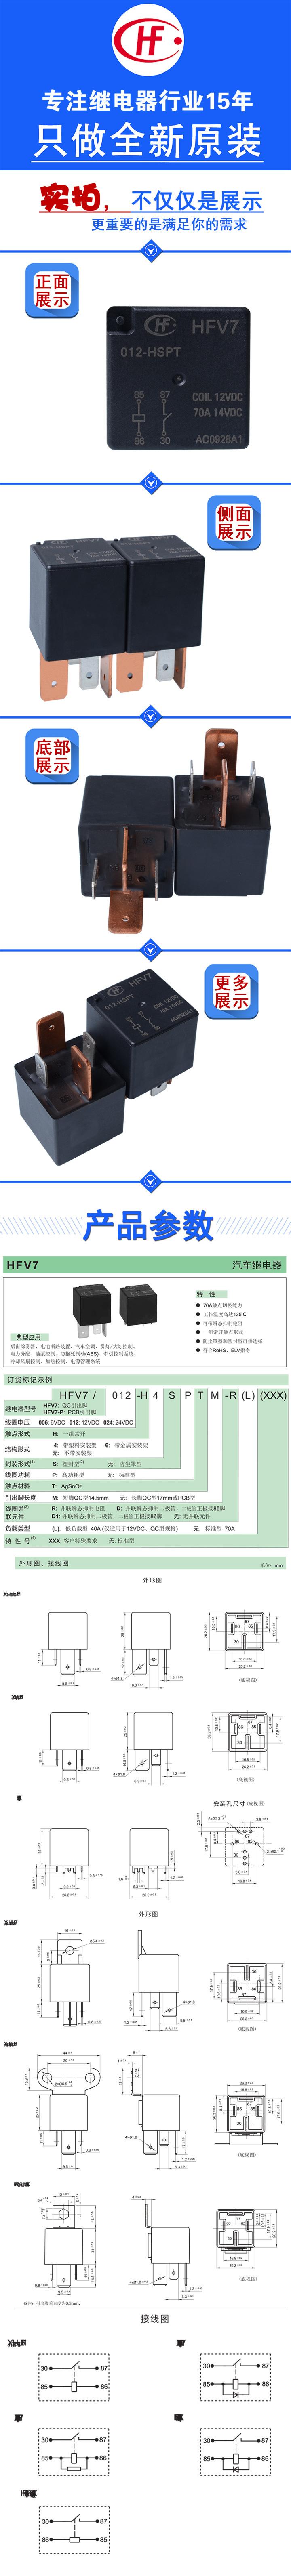 HFV7-012-HSPT_01